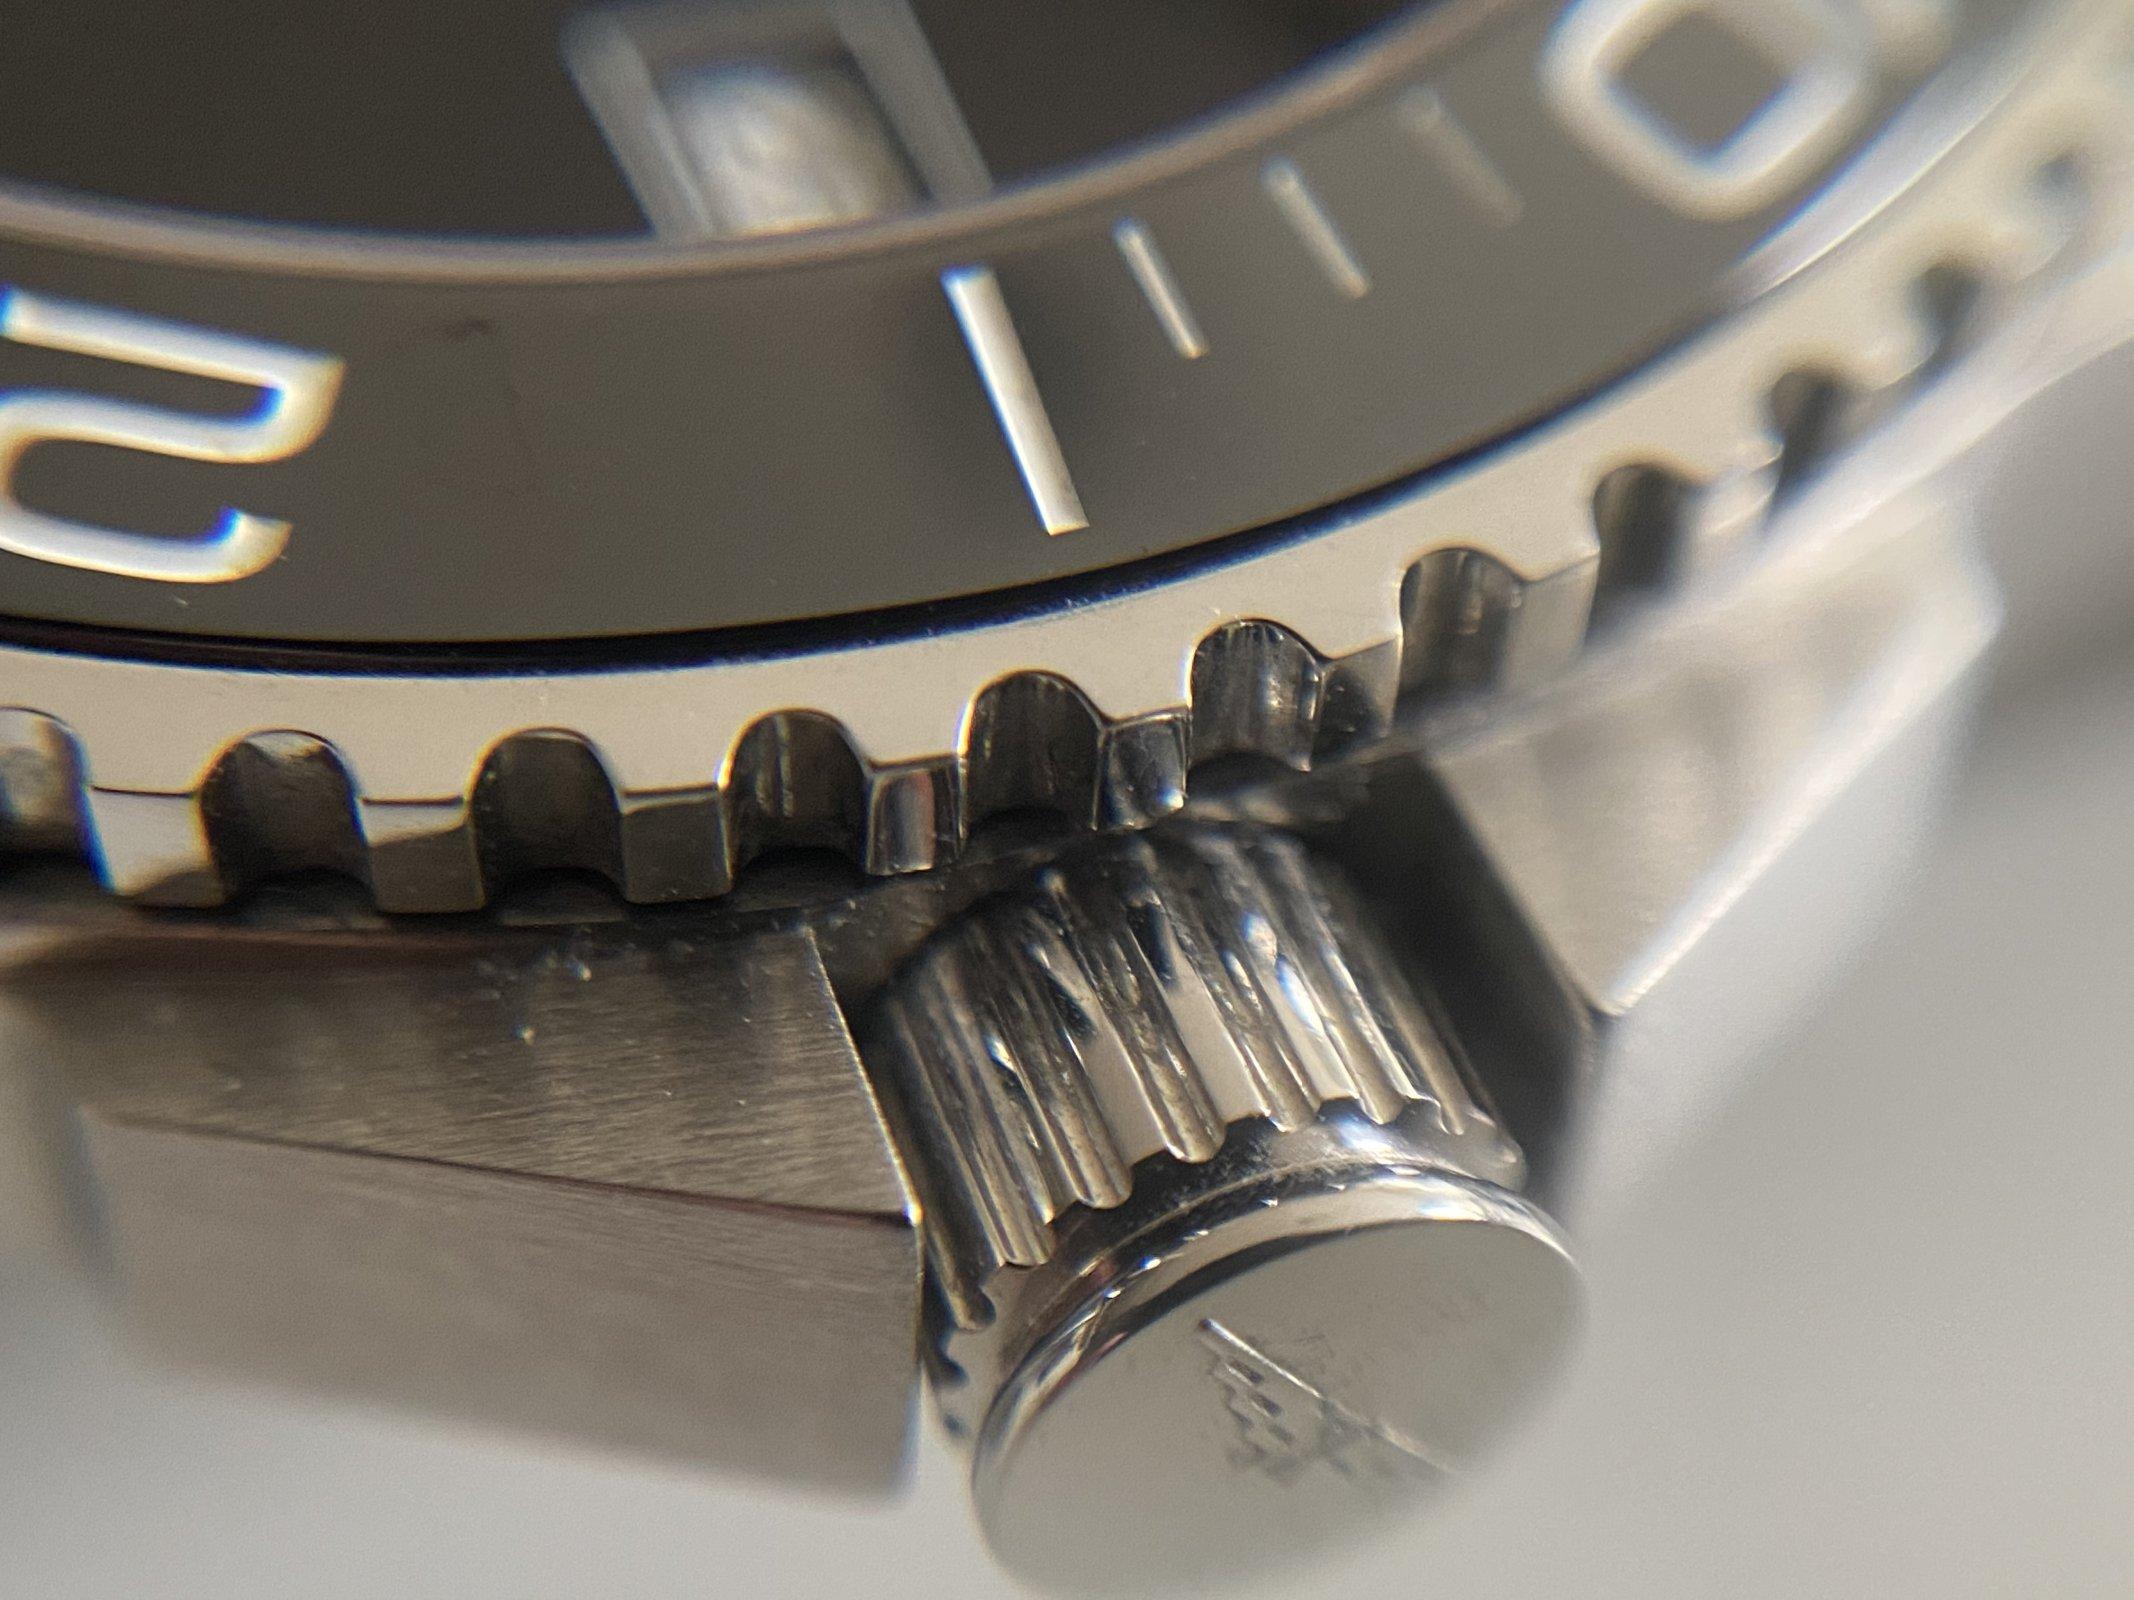 FC9448A2-4522-4B36-98F5-F09310B3E994.jpeg